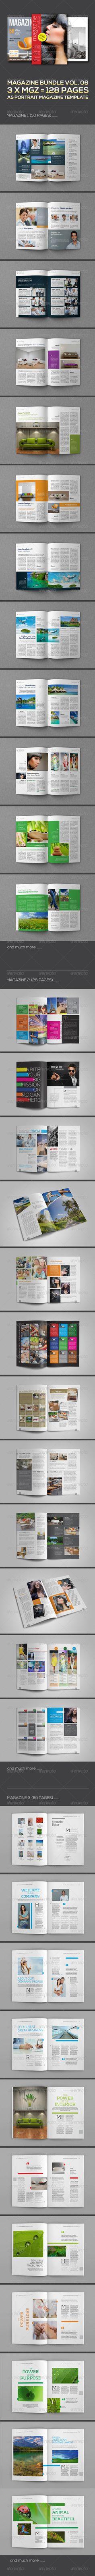 3 X Magazine Collection (Mgz Bundle Vol. 06) #a5 #a5 landscape #booklet #booklet A5 #booklet bundle